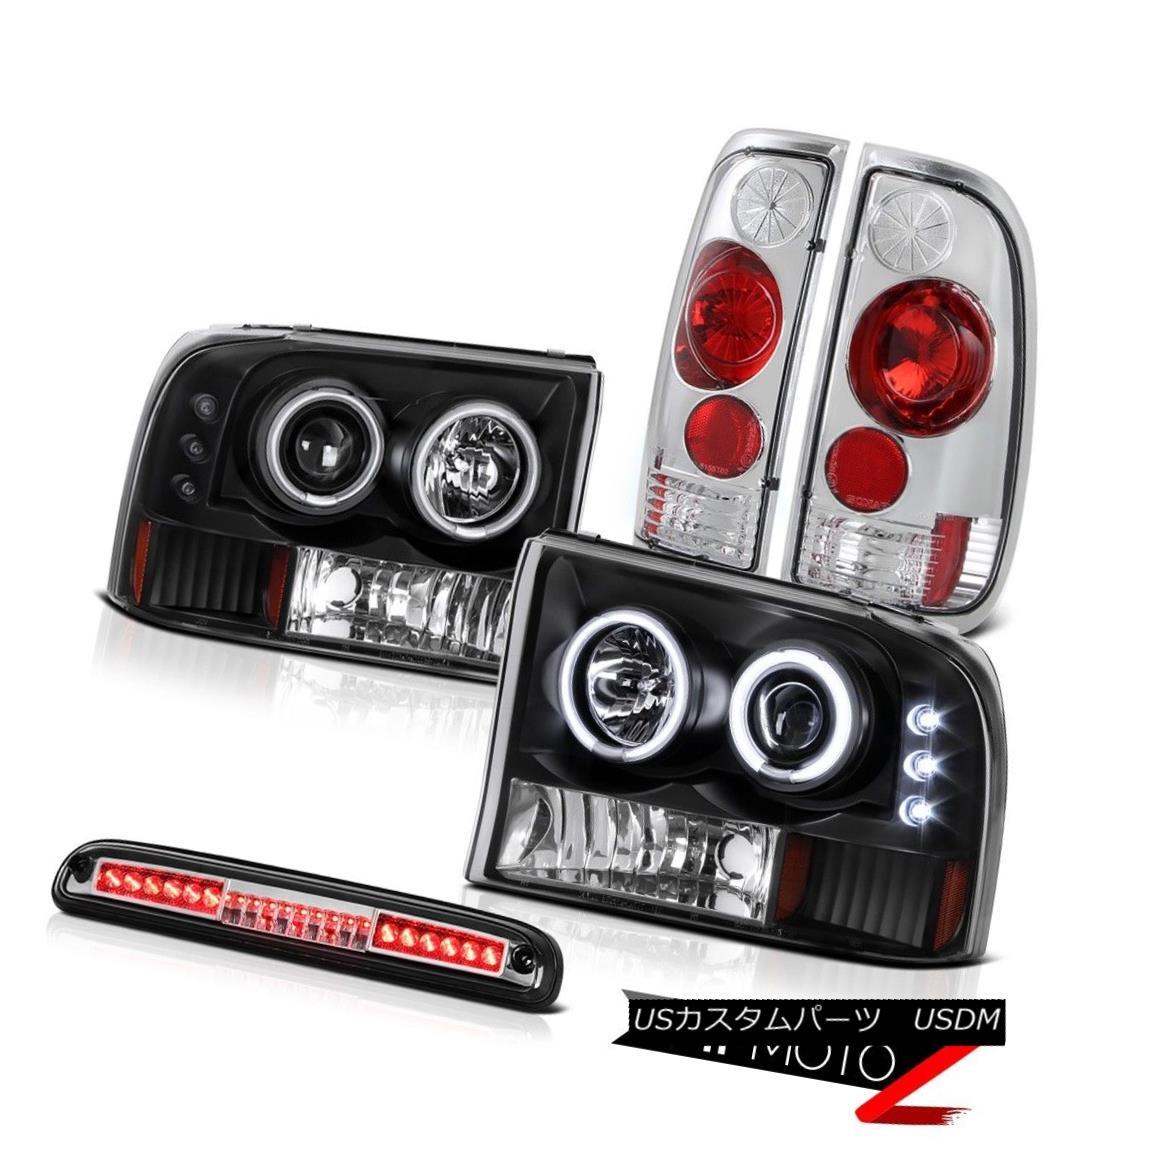 テールライト CCFL Halo Black Headlamp Clear Brake Lamps Roof Stop LED Clear 99-04 F350 Lariat CCFL Halo BlackヘッドランプクリアブレーキランプRoof Stop LED Clear 99-04 F350 Lariat